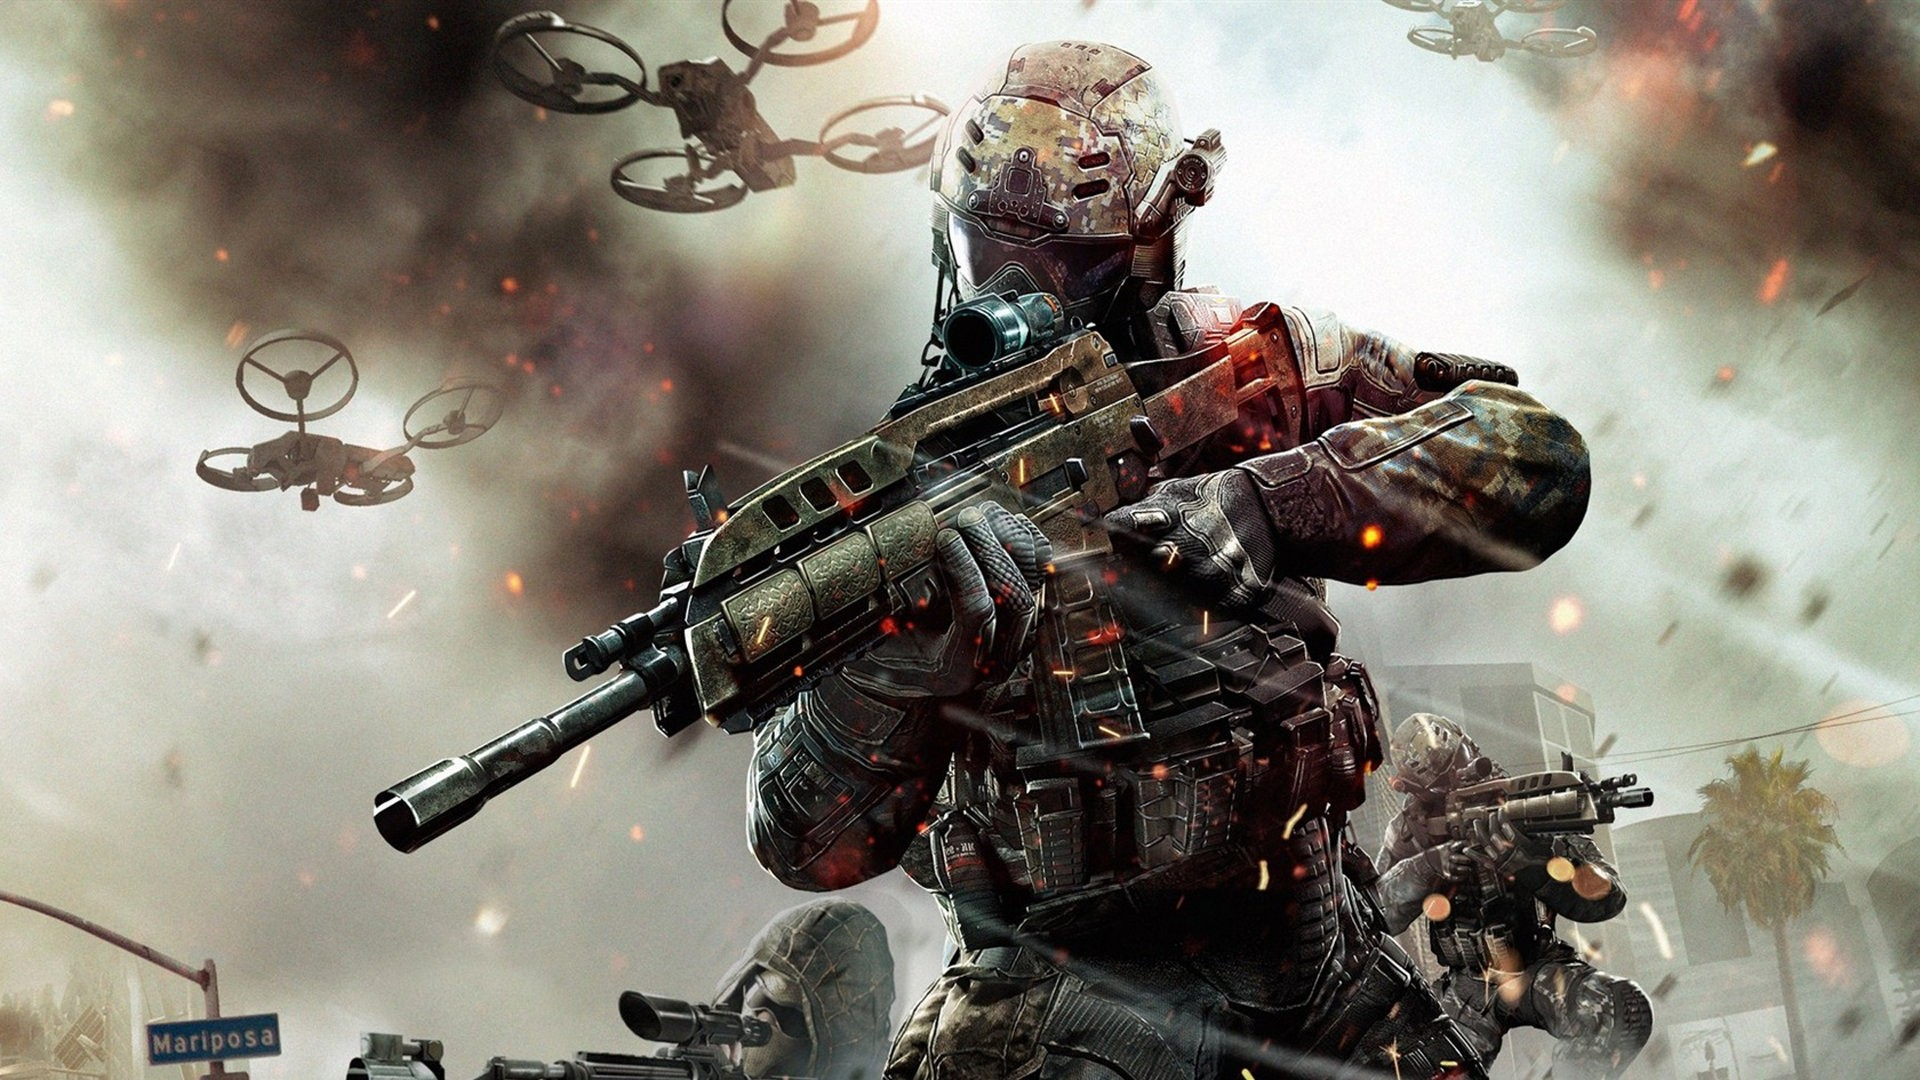 有什么好看的电影推荐_求士兵拿着武器的高清壁纸,QQ头像用,最好高科技的_百度知道